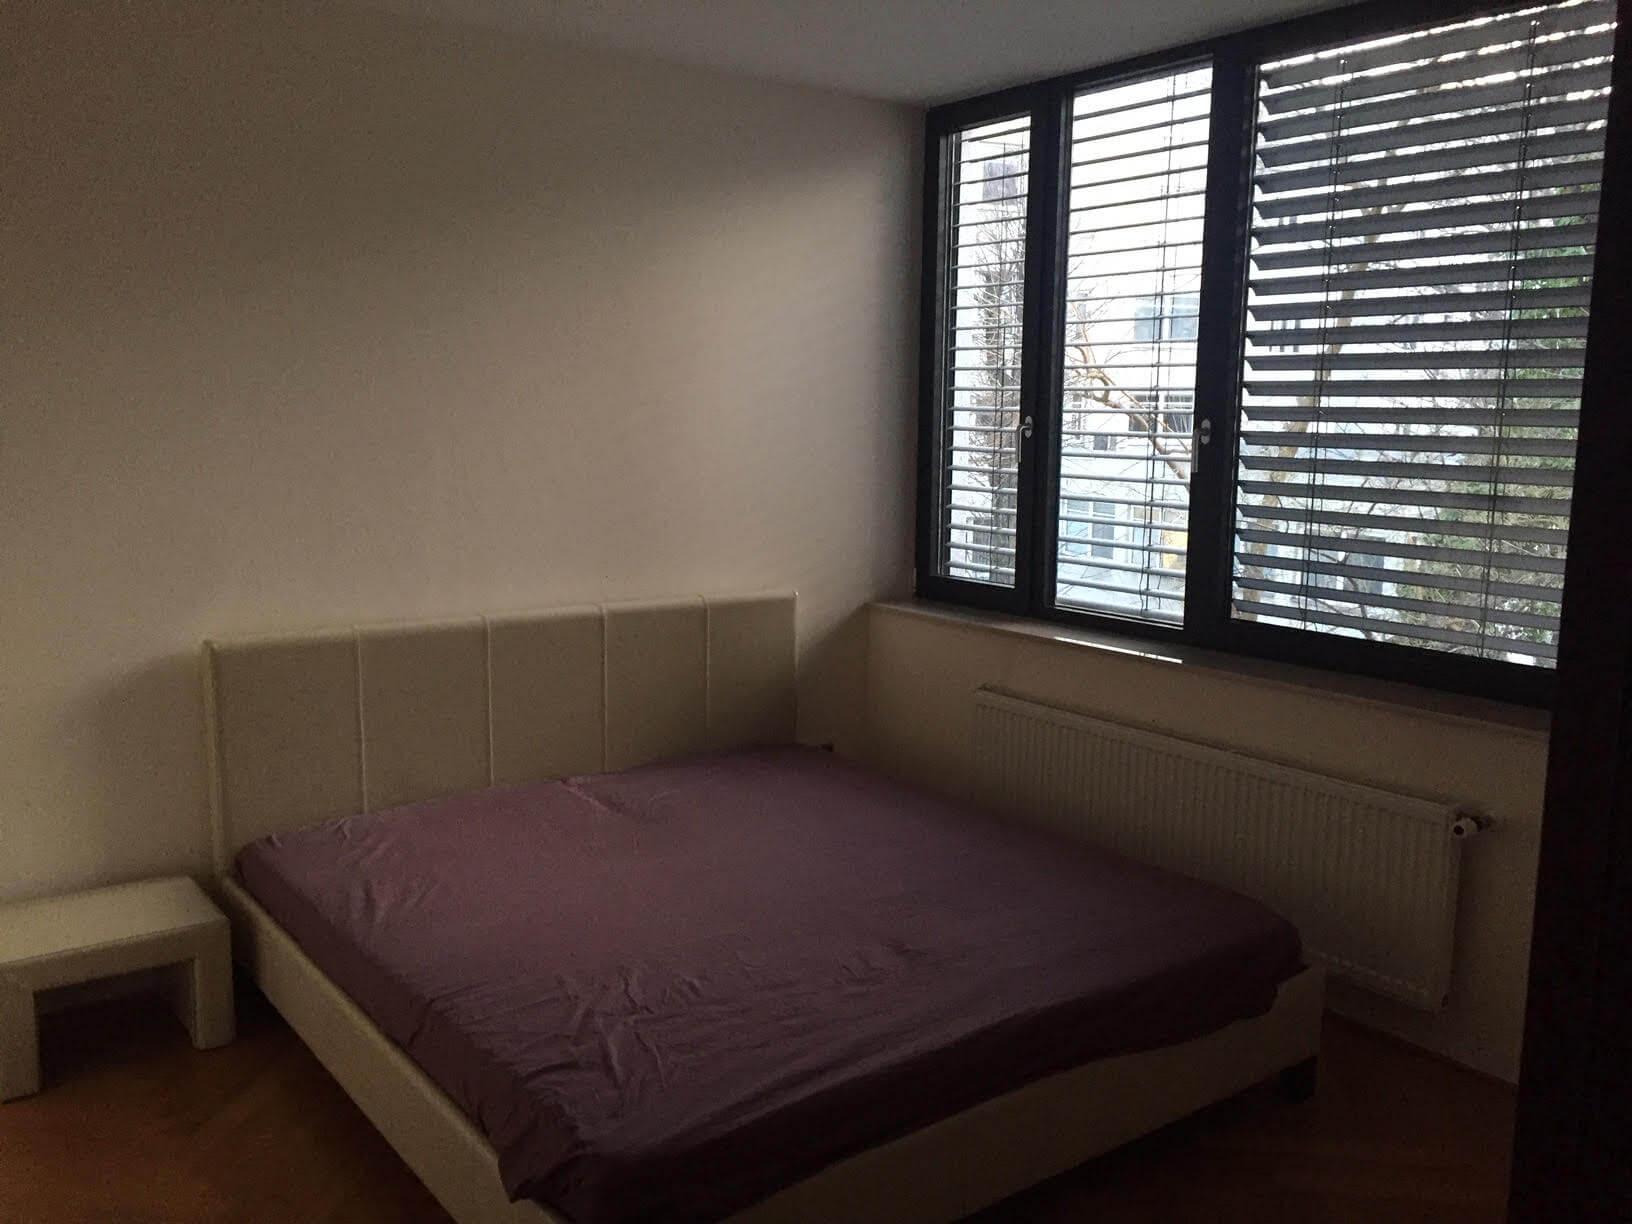 Prenajaté: Luxusný 3 izbový byt v centre BA, 88m2, Dunajská 48, balkón 6m, garážové státie,klimatizácia, krb-6